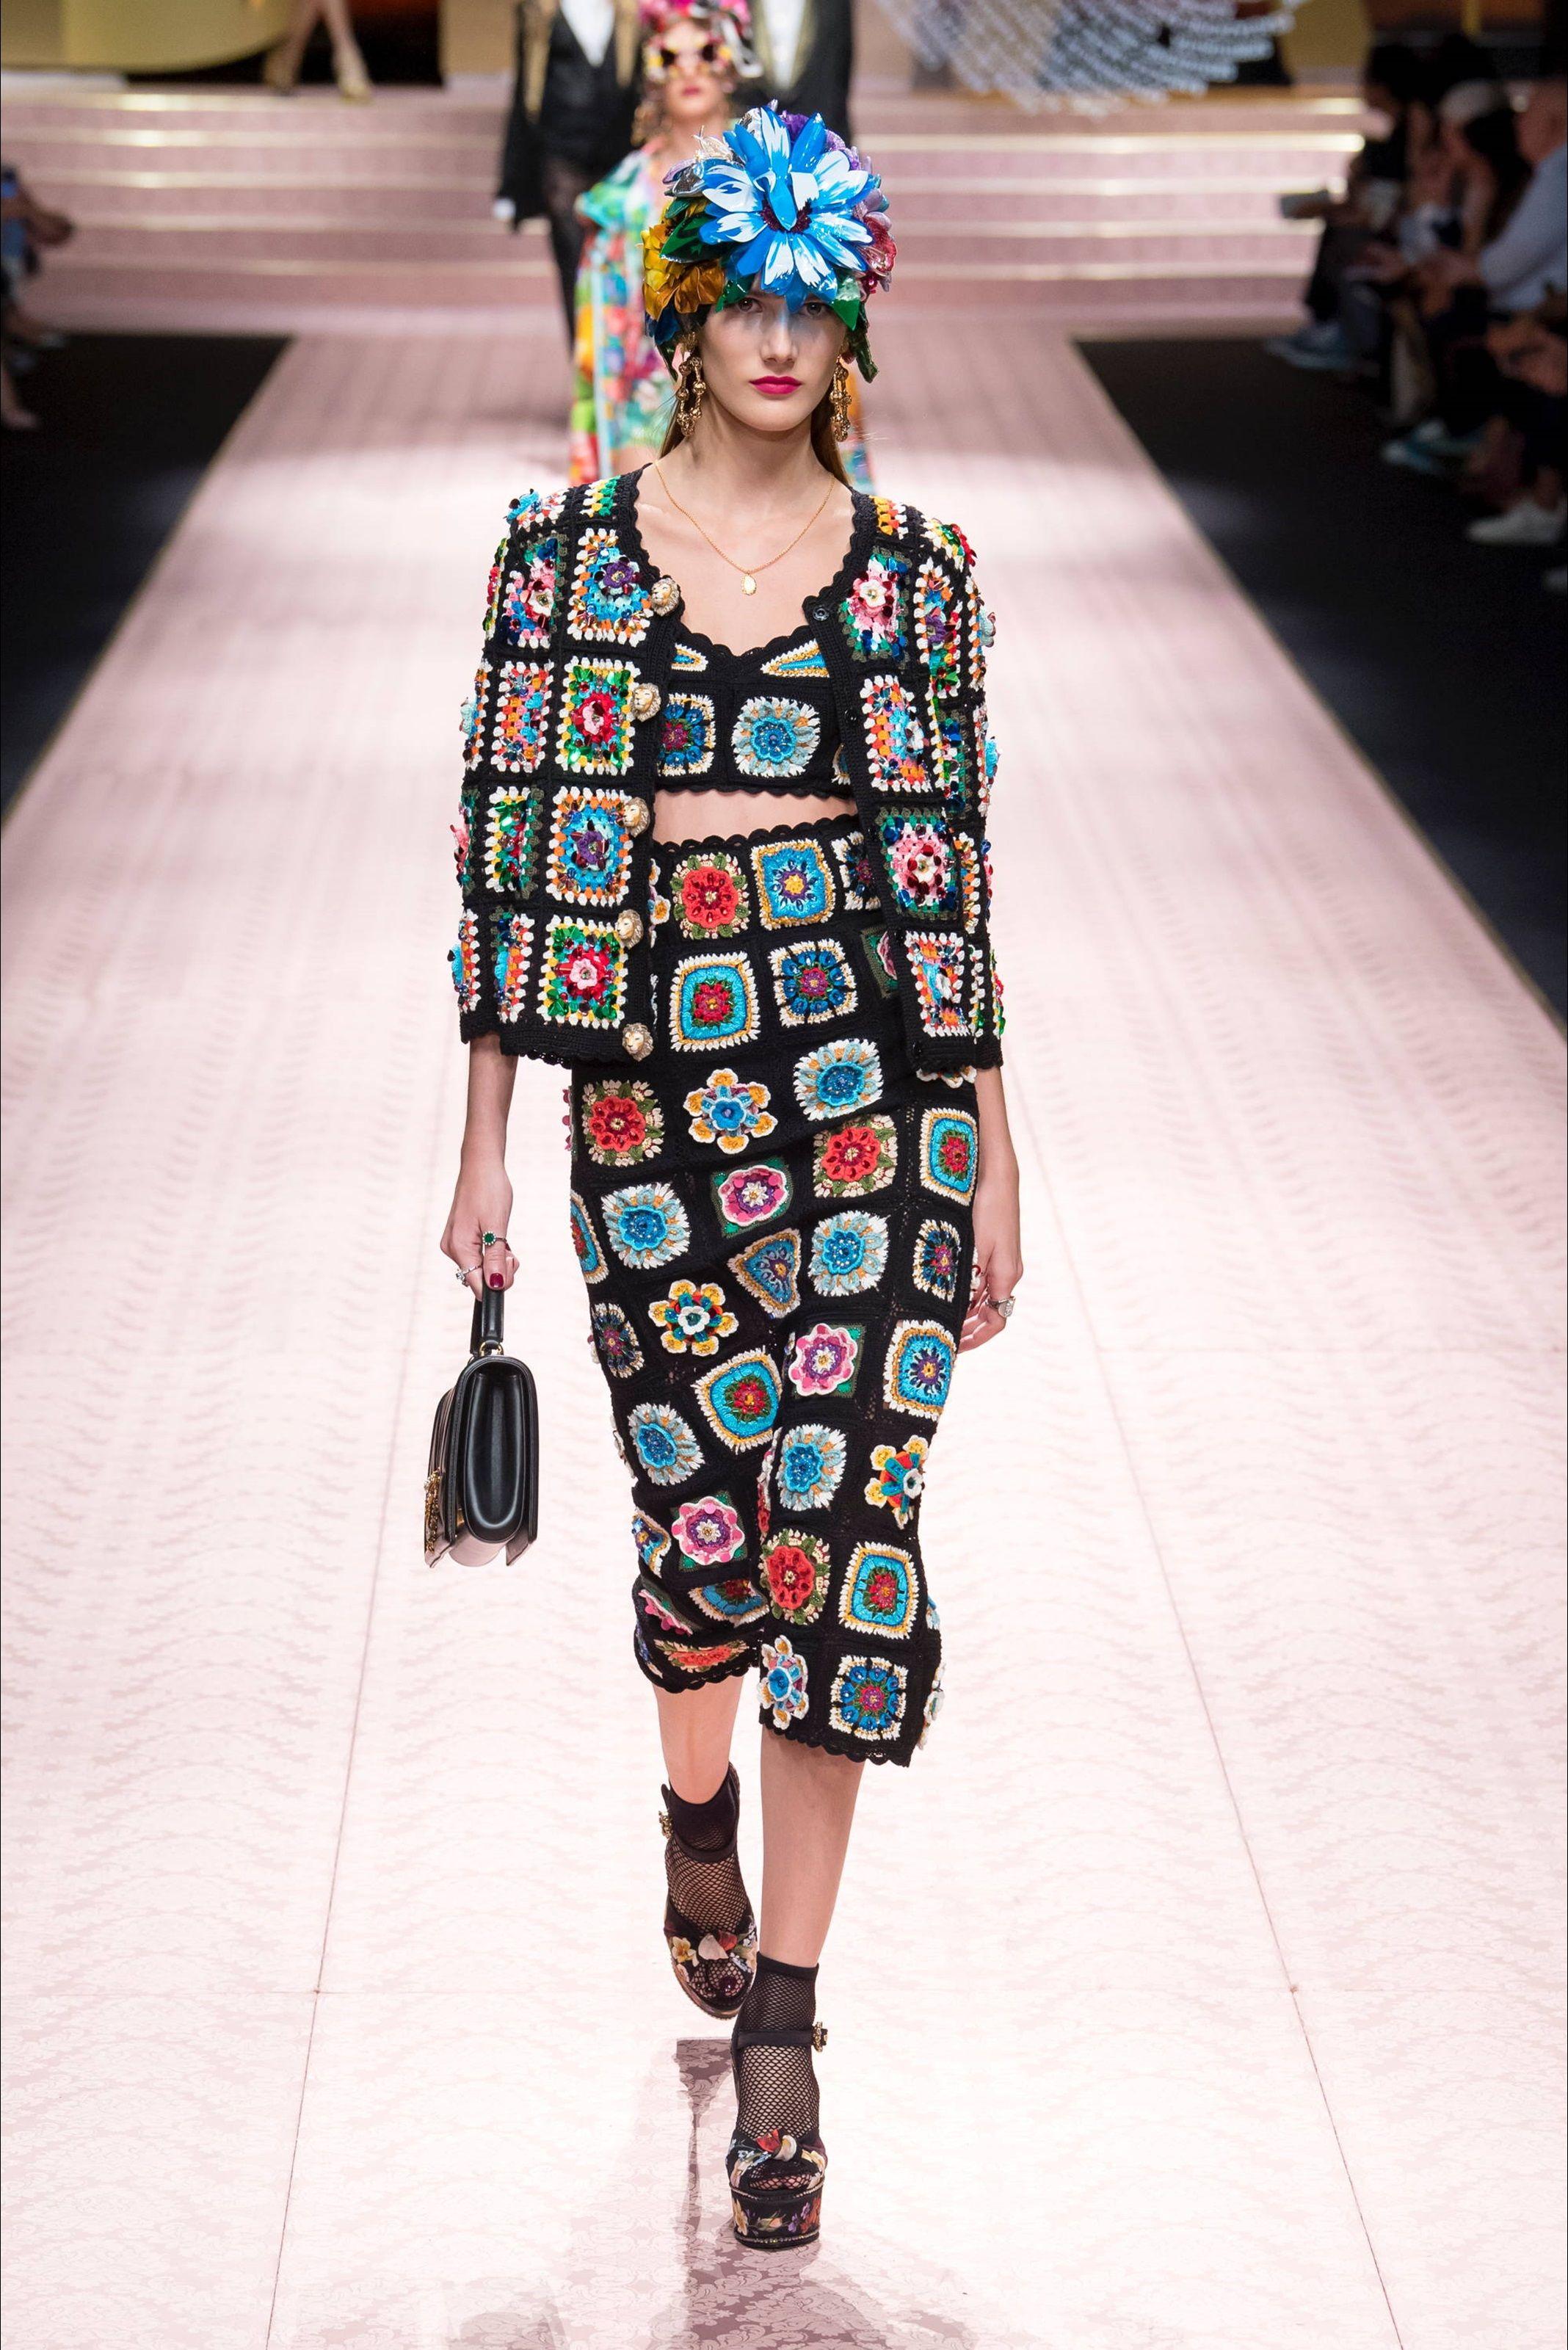 e0bc21678f5b Sfilata Dolce & Gabbana Milano - Collezioni Primavera Estate 2019 - Vogue